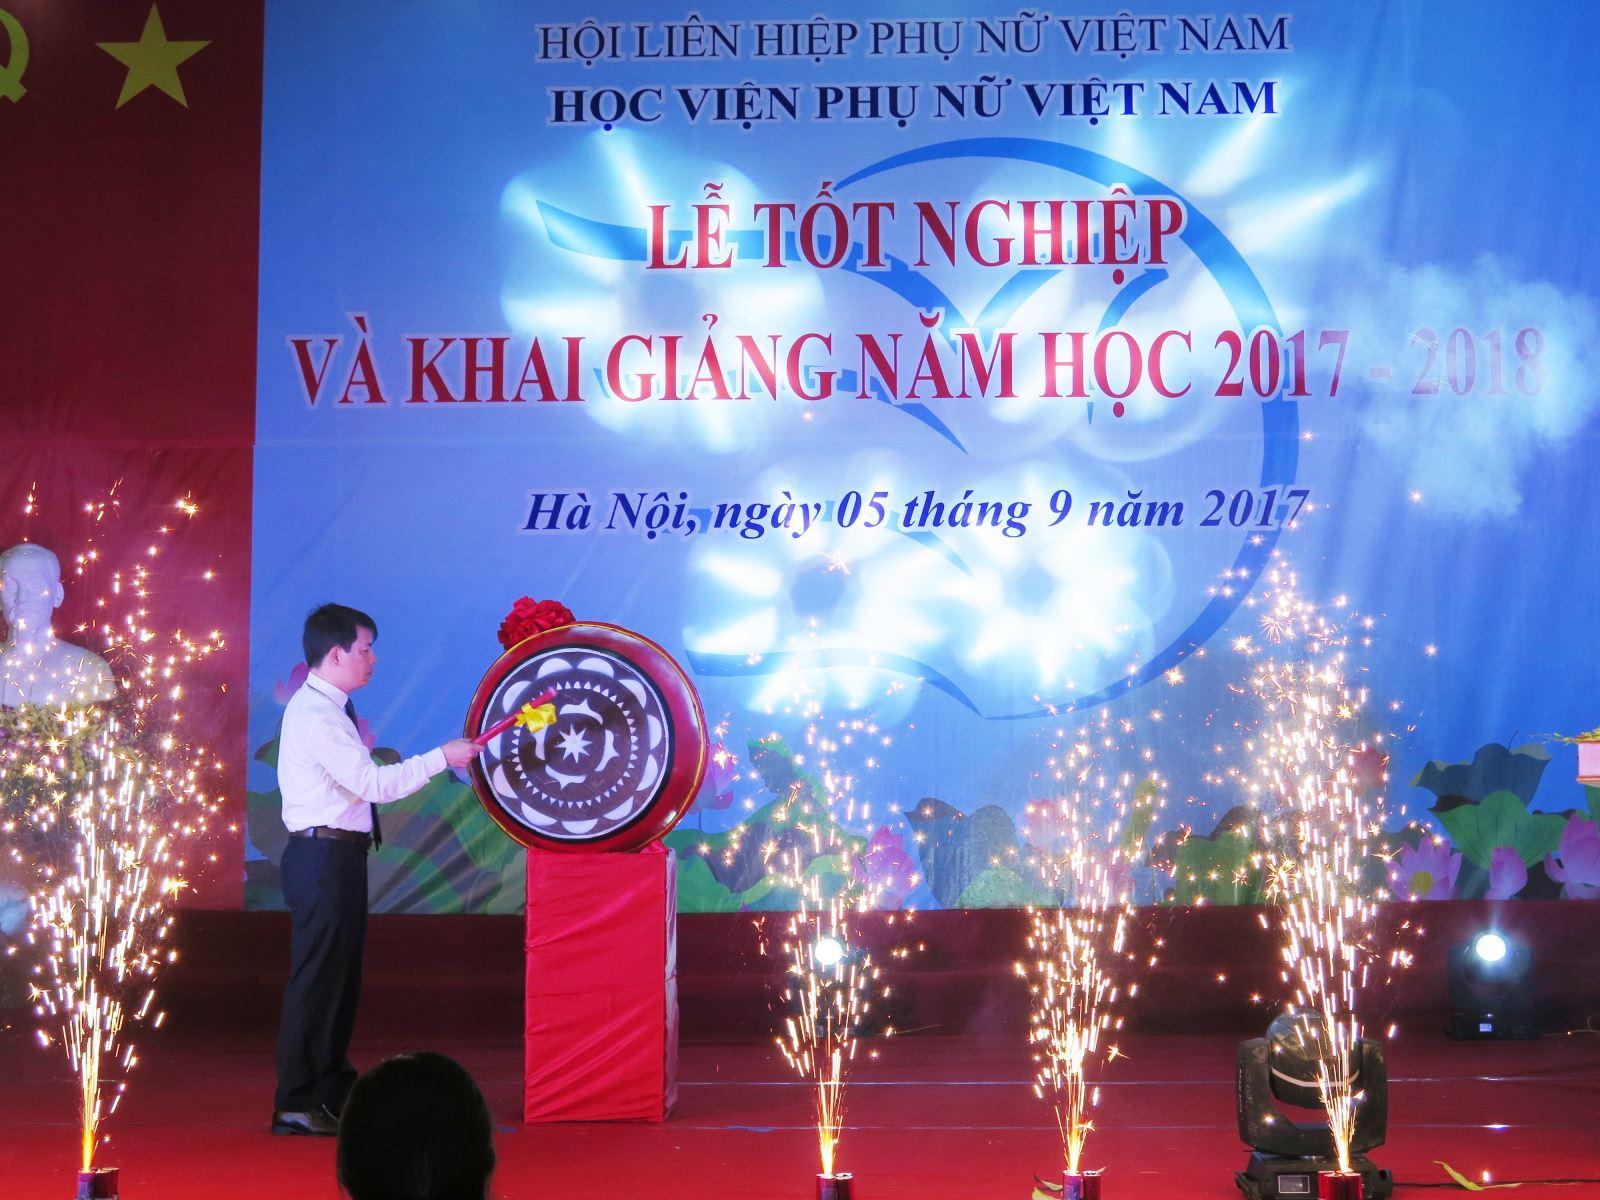 Diễn văn khai giảng năm học 2017 - 2018